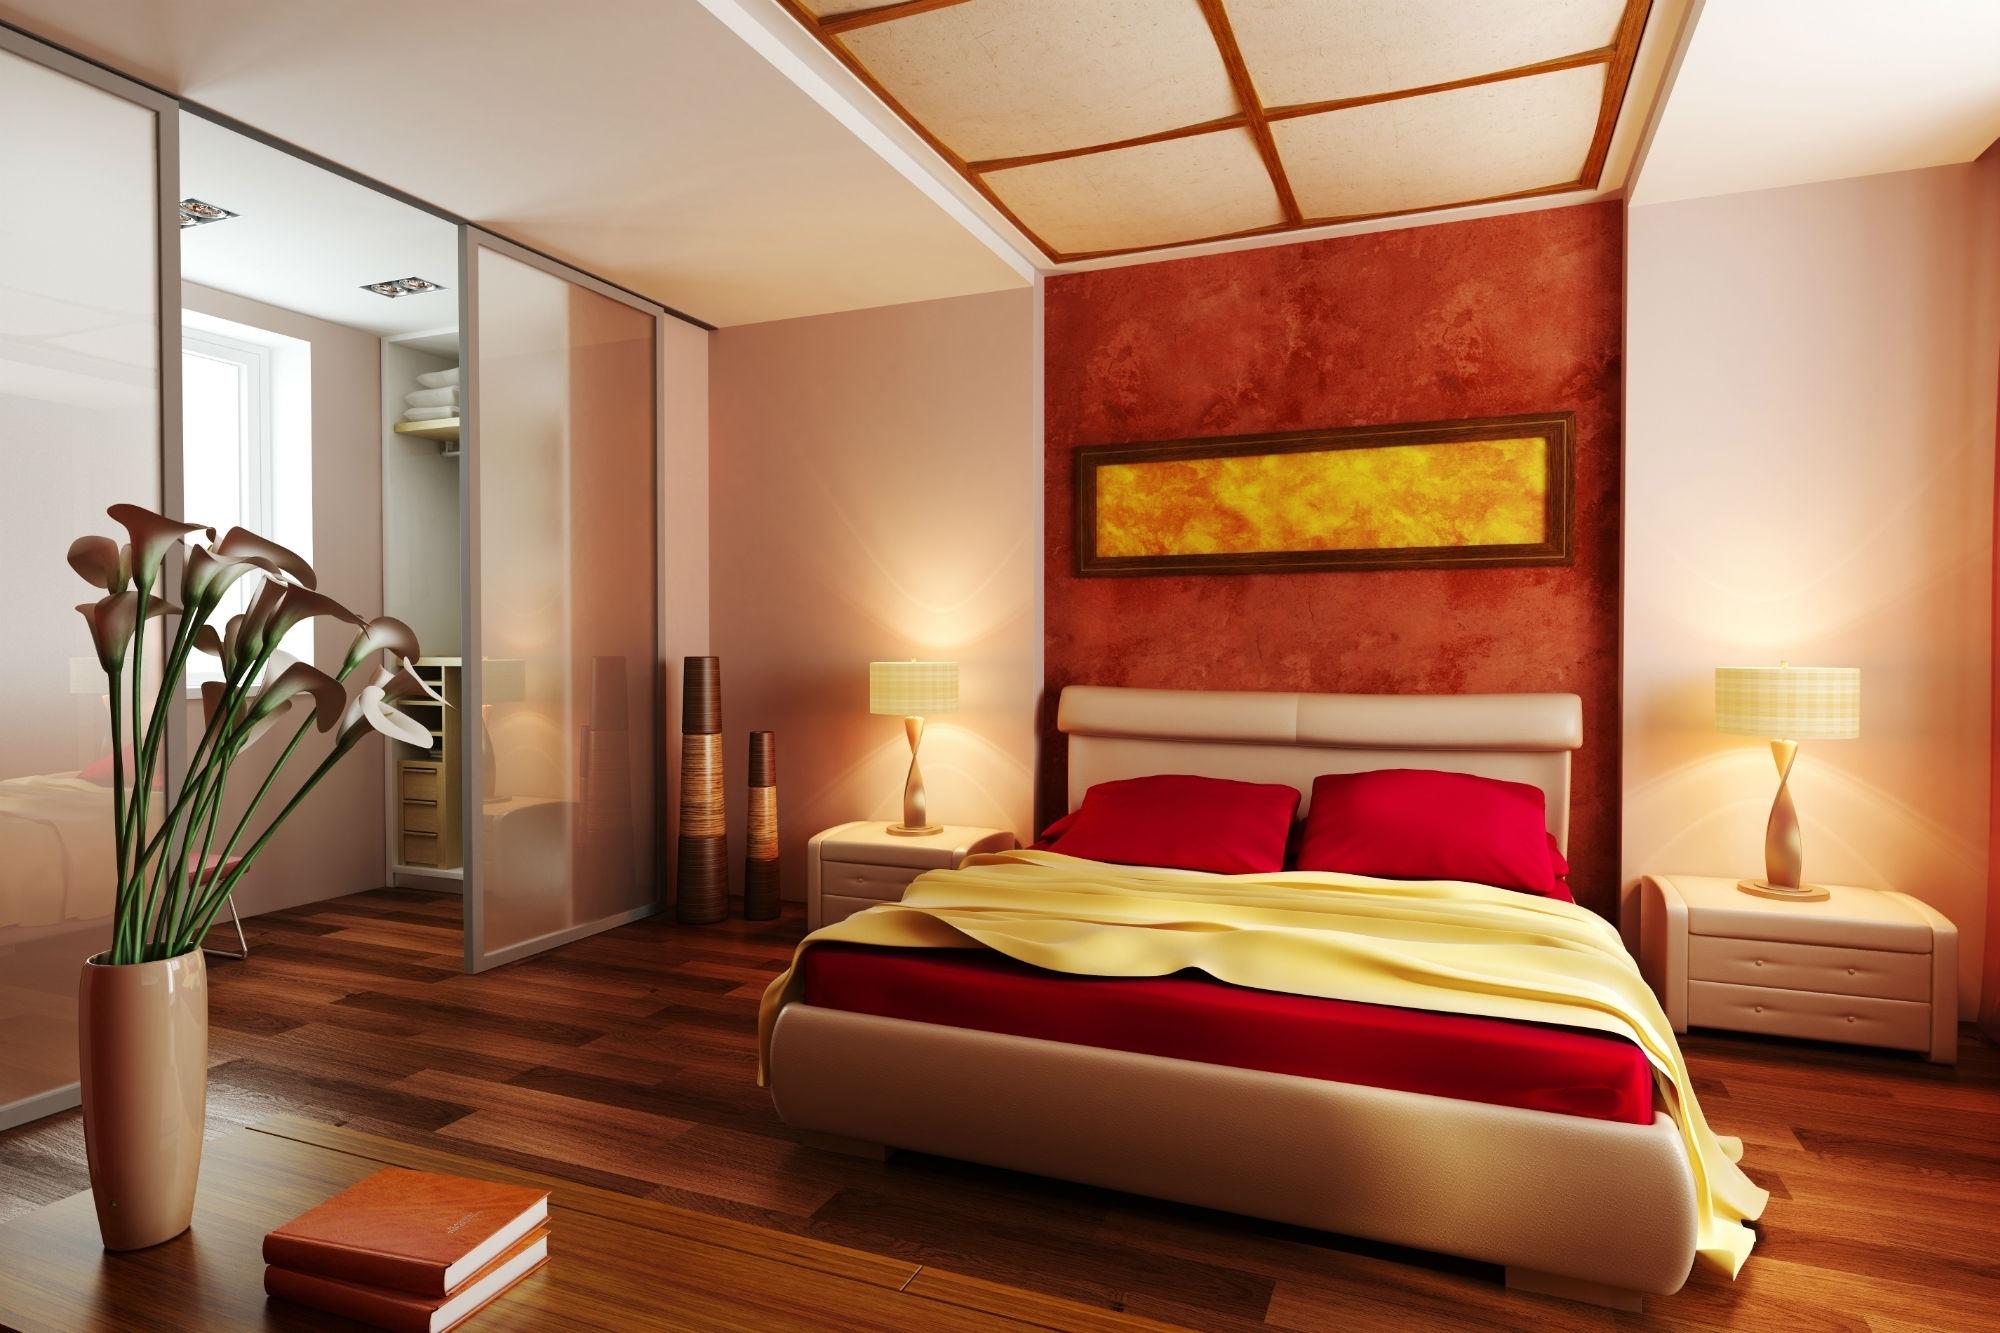 Ispirazioni - Camere da letto stile orientale ...